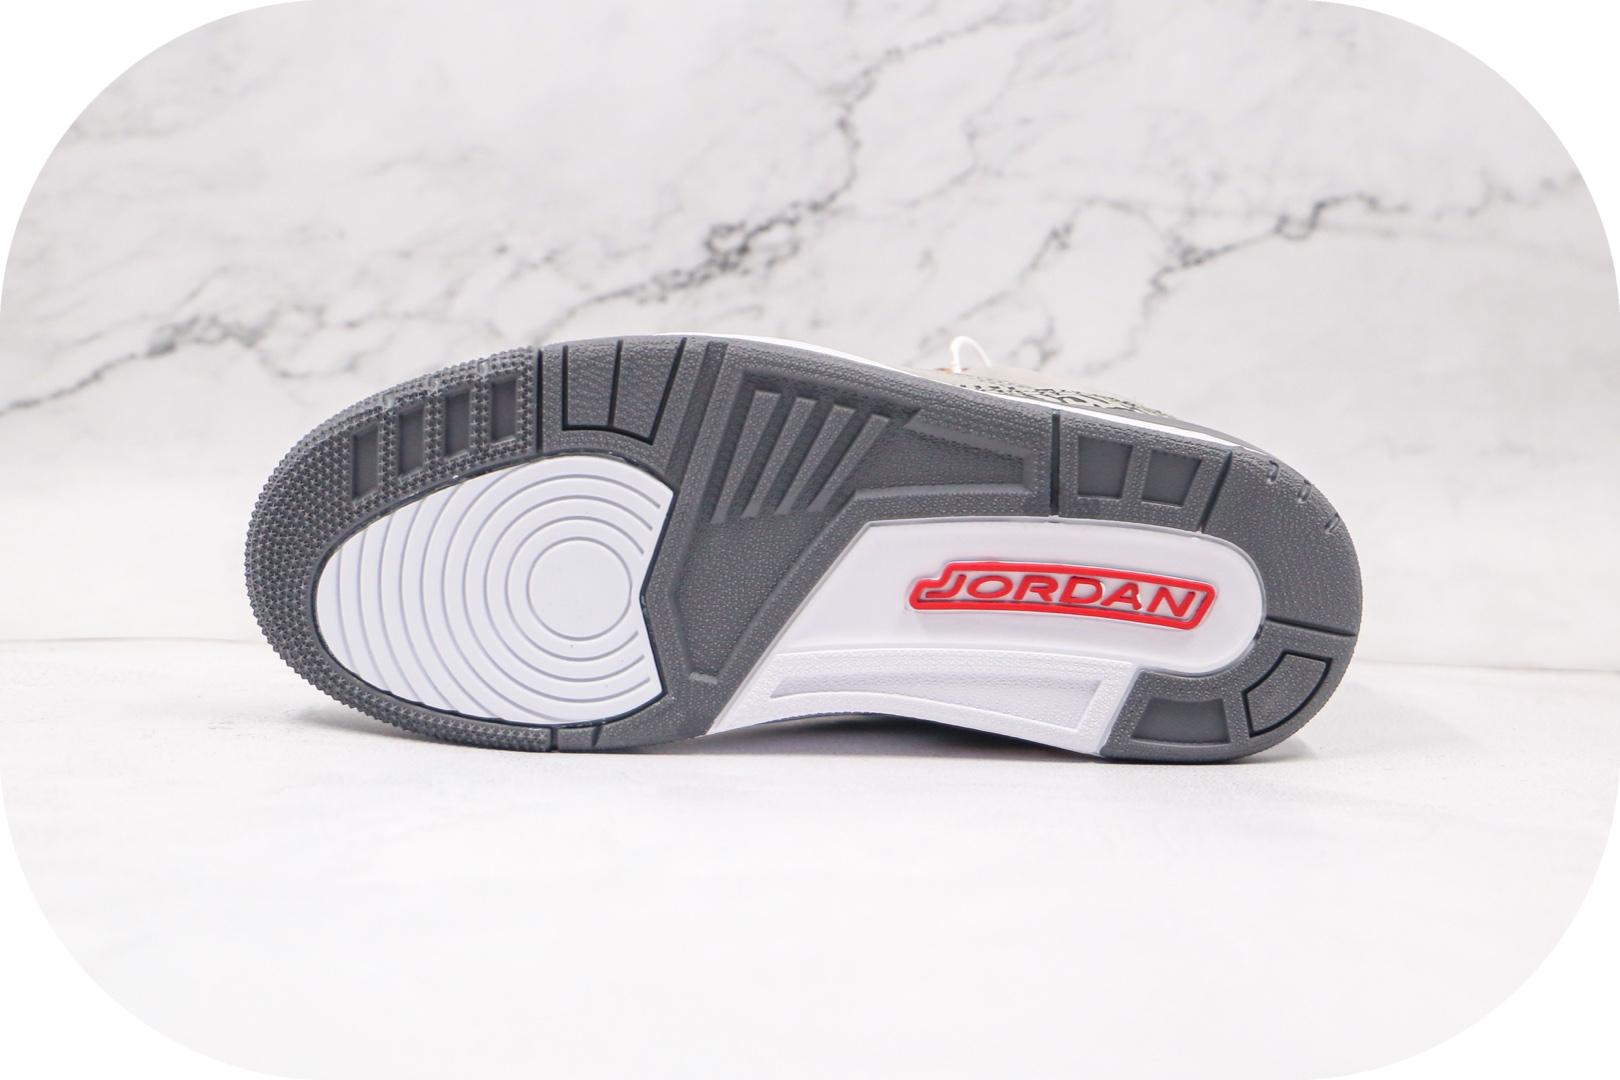 乔丹Air Jordan 3 Cool Grey 2020纯原版本酷灰色AJ3篮球鞋原楦头纸板打造 货号:CT8532-012